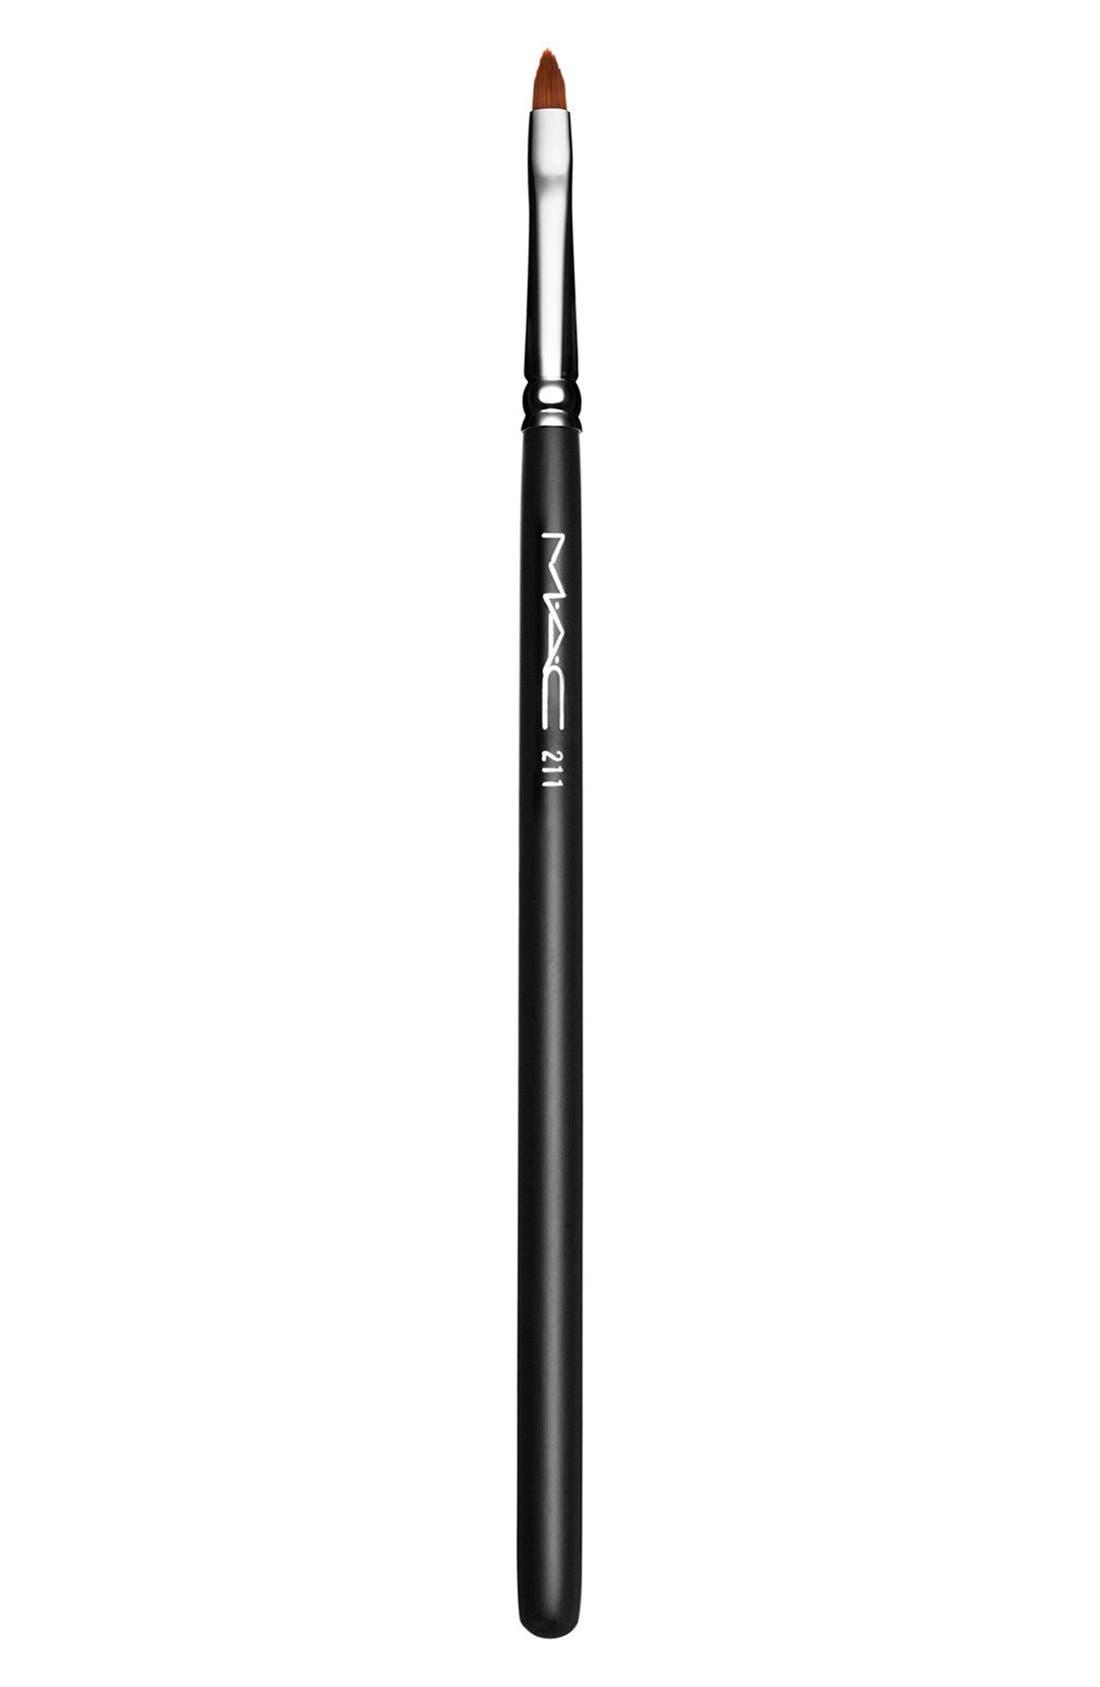 MAC 211 Pointed Liner Brush,                             Main thumbnail 1, color,                             000